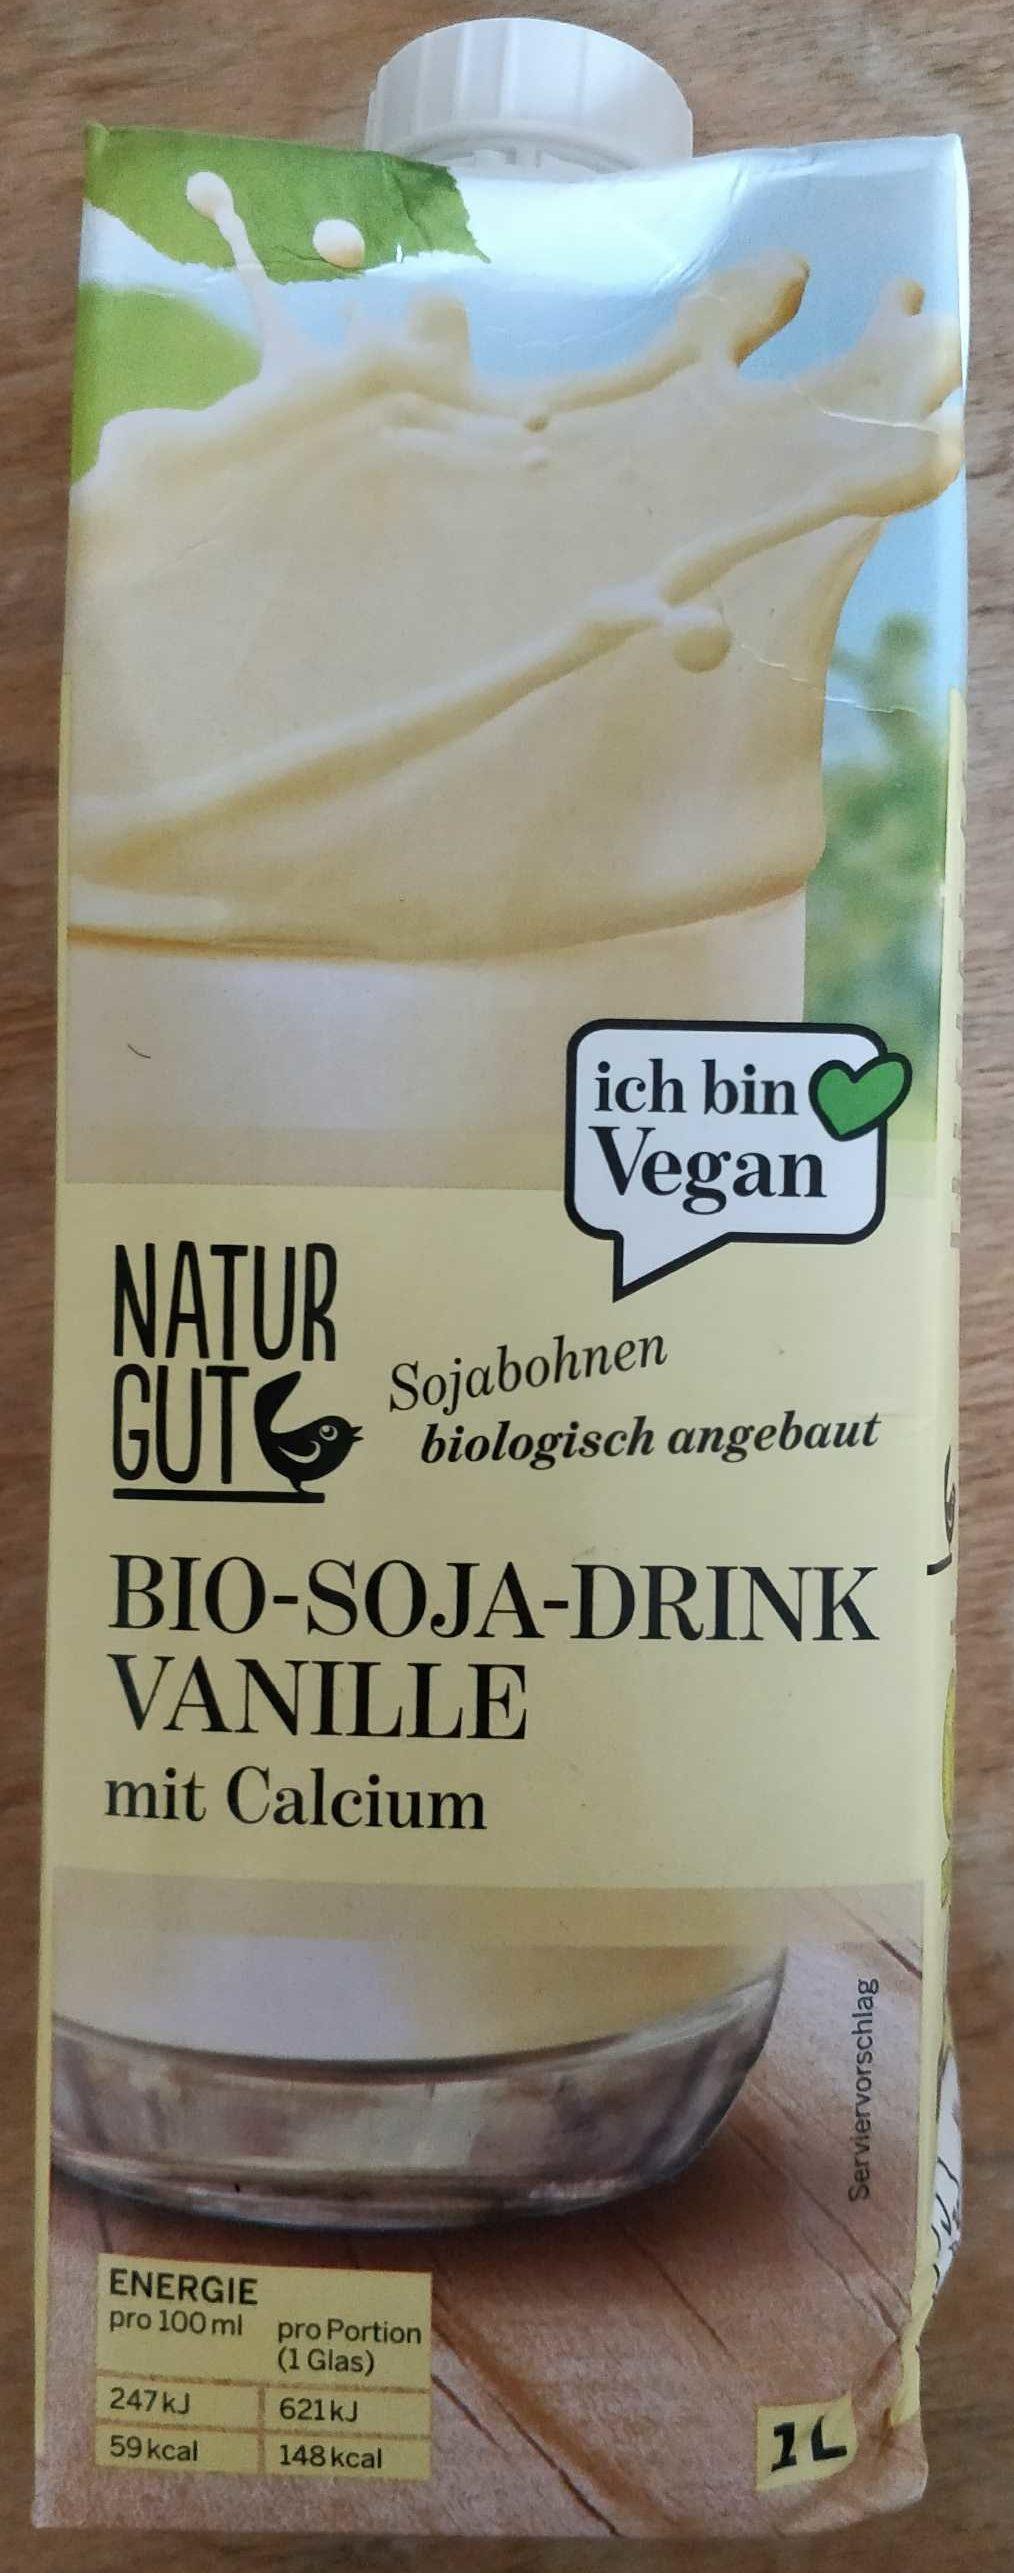 Bio Soja Drink Vanille - Product - de